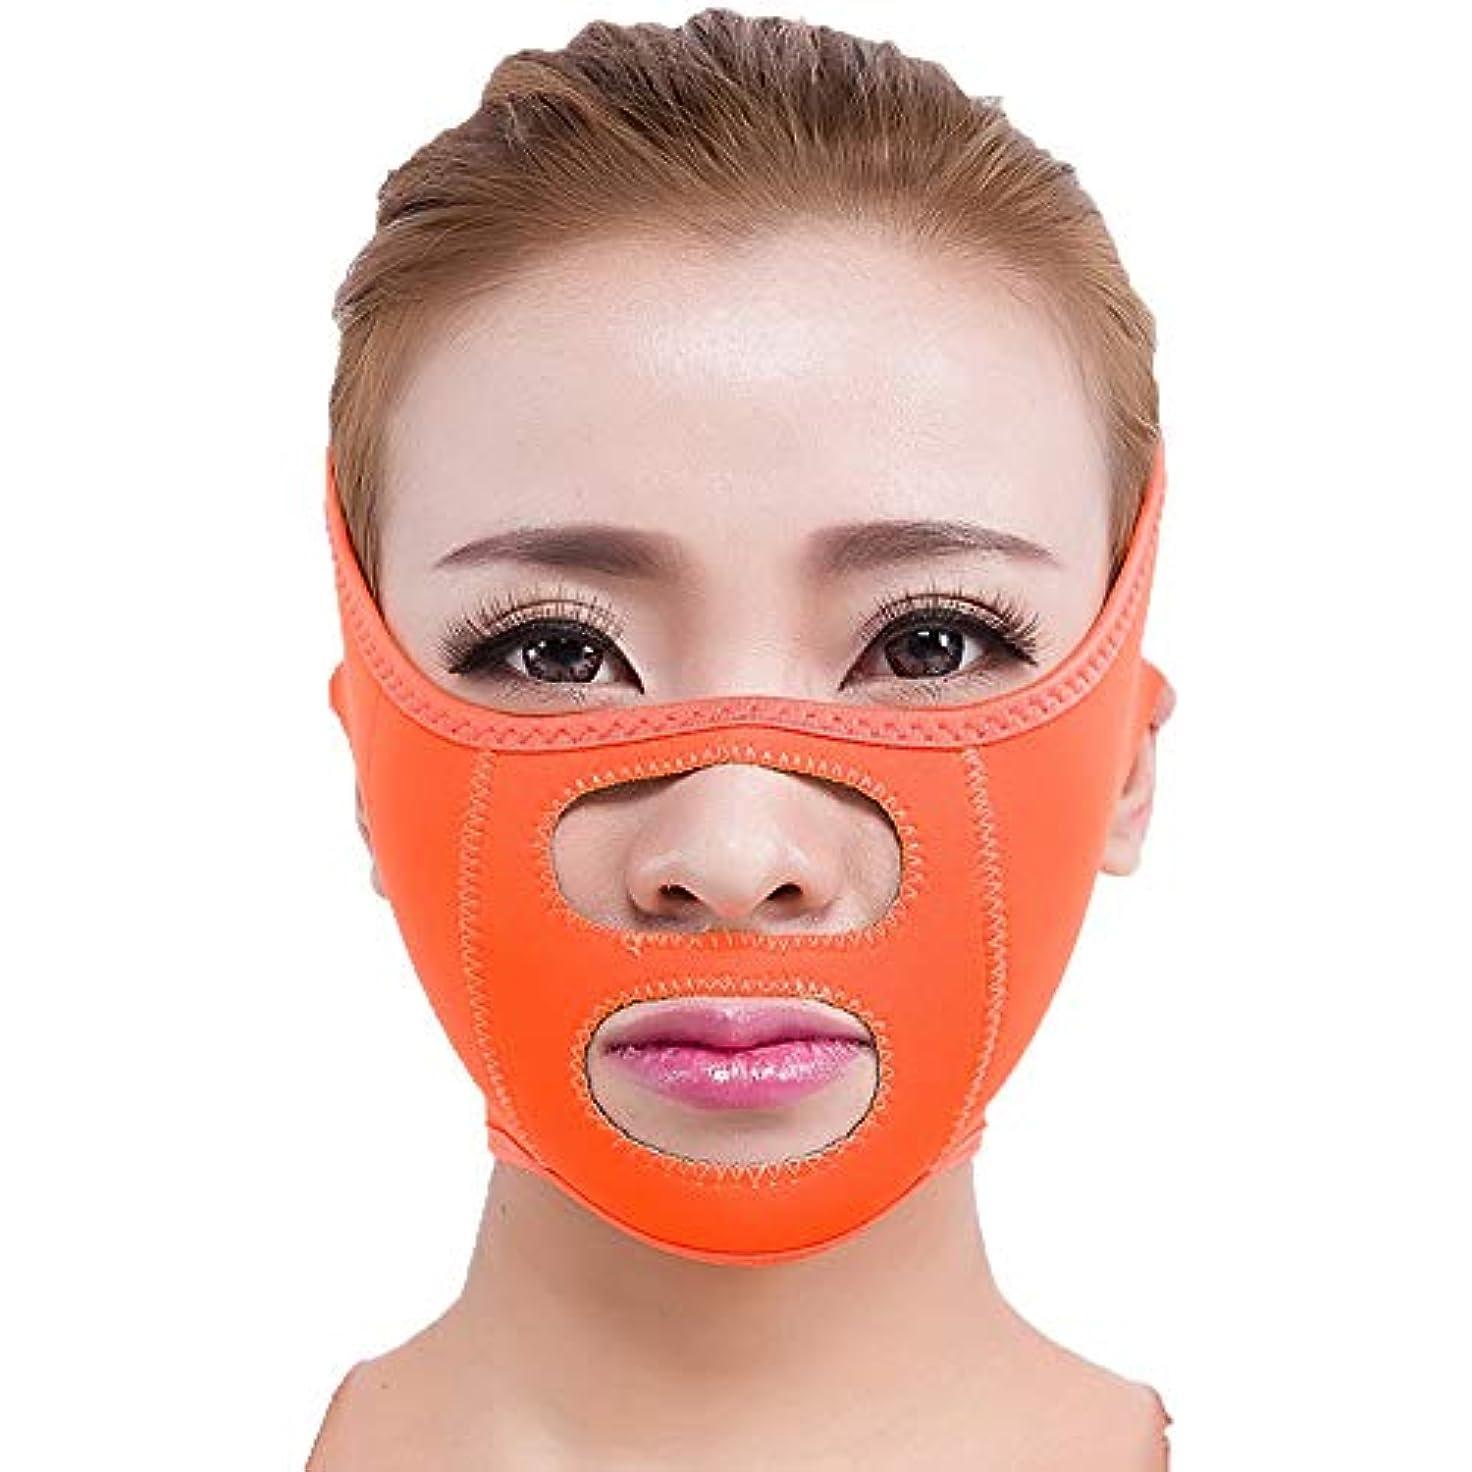 関連付けるカビ病的二重顎の圧力低下装置、睡眠薄い顔のベルト小さなvの顔の器械の包帯マスク持ち上げる顔のステッカー,Orange